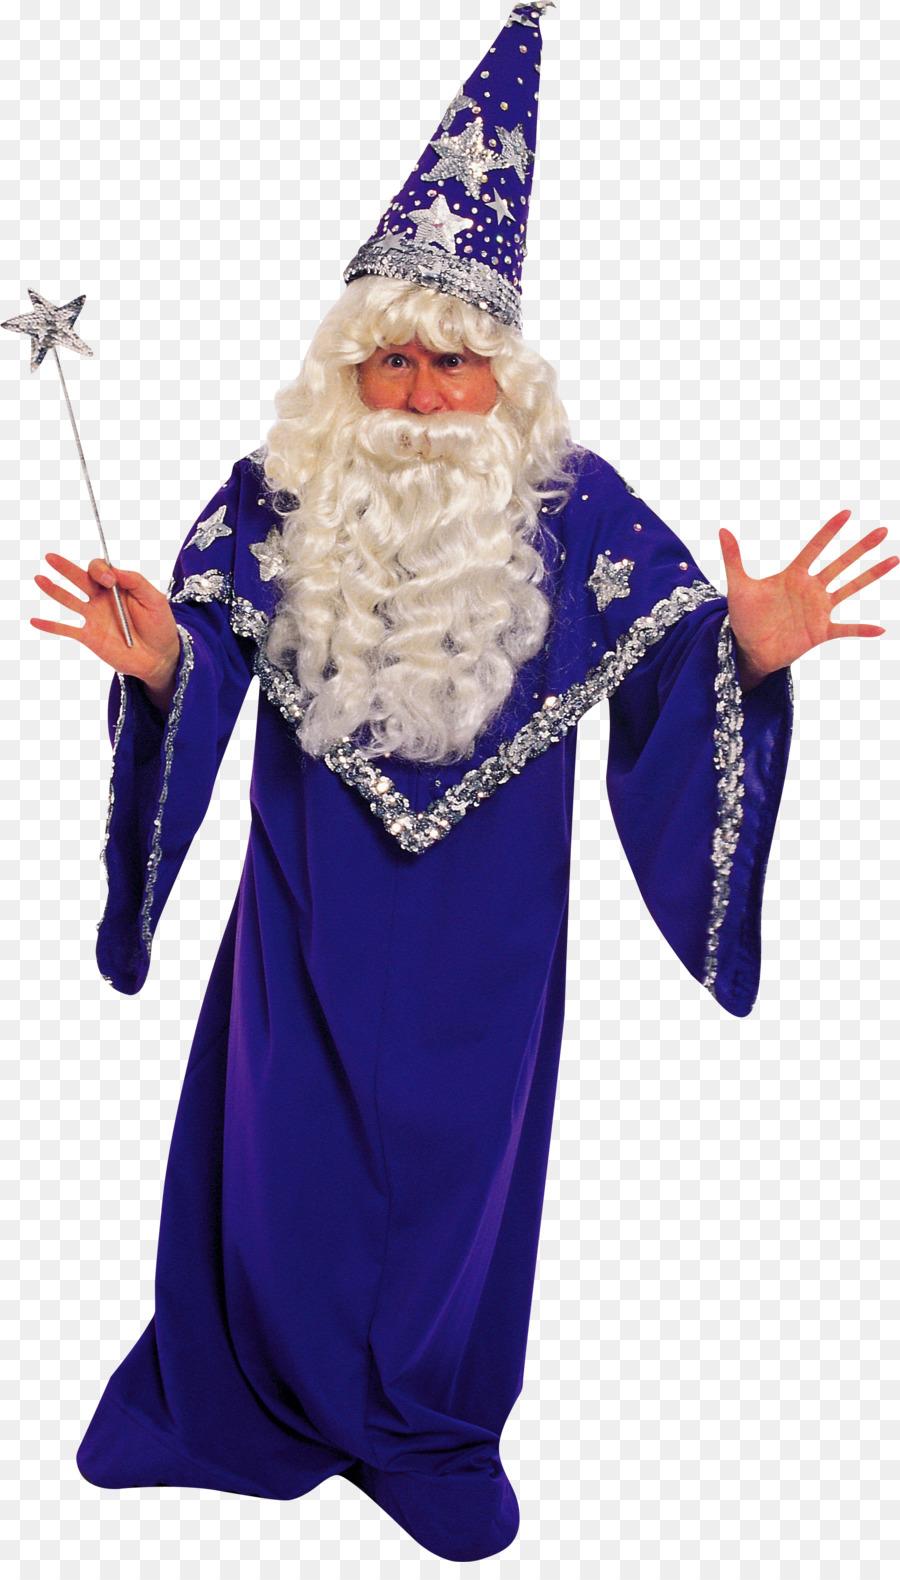 Fiesta de disfraces de Halloween disfraces de la Ropa - asistente de ...